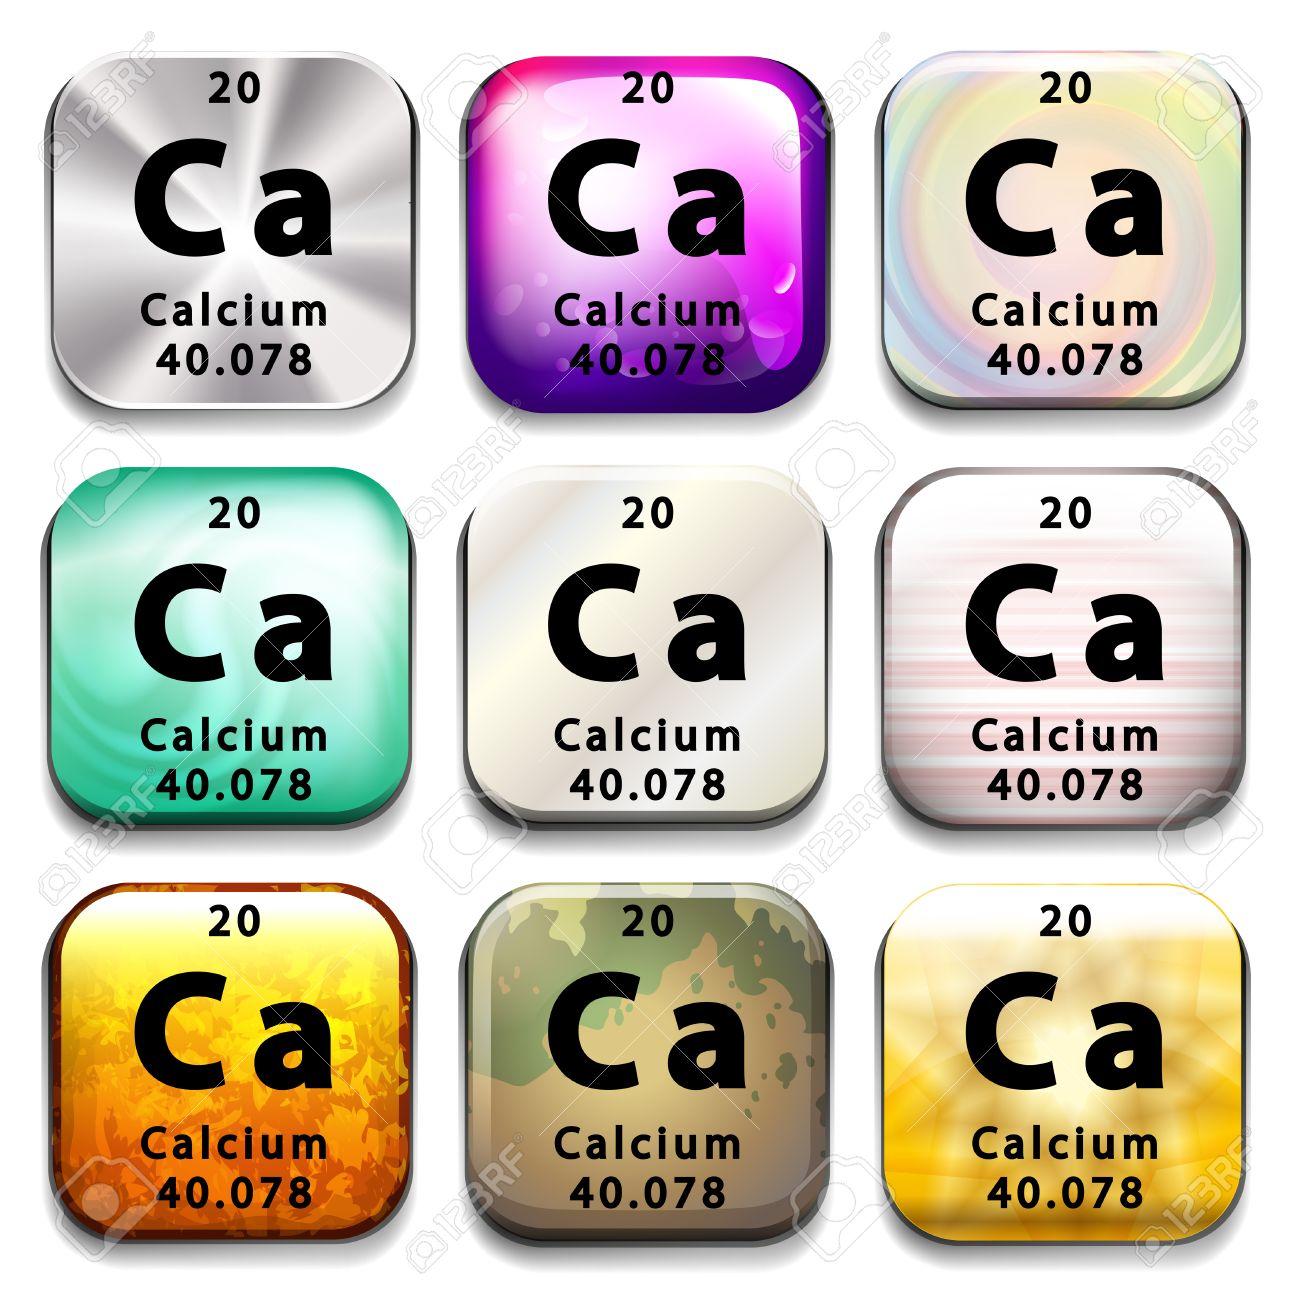 Periodic table for calcium gallery periodic table images a periodic table showing calcium on a white background royalty a periodic table showing calcium on gamestrikefo Images